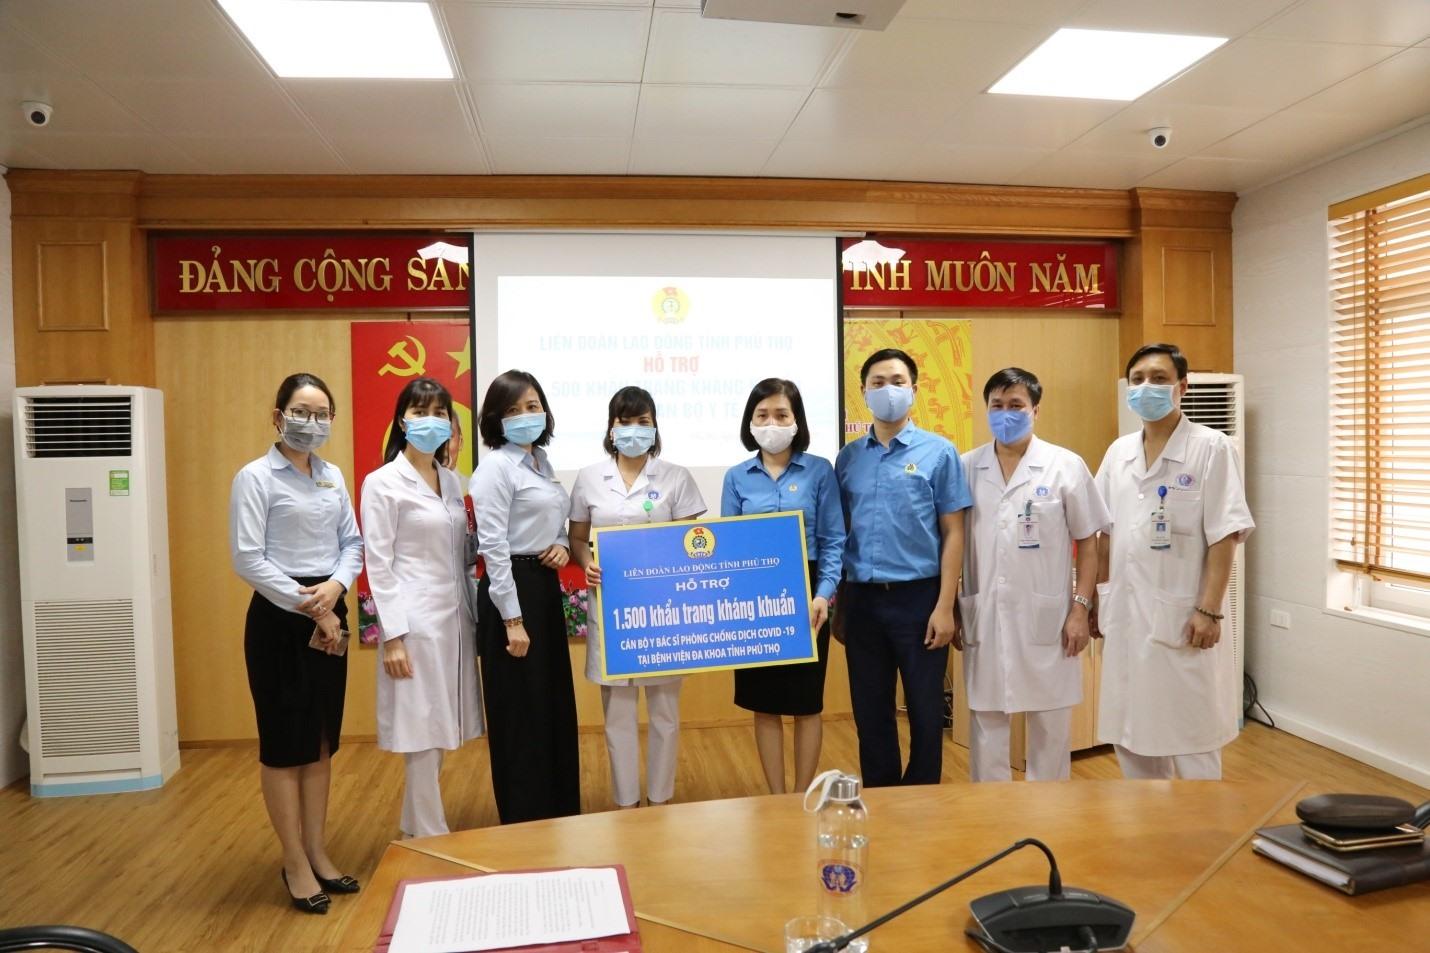 Đồng chí Hoàng Minh Thắm – Chủ tịch Công đoàn ngành Y tế tỉnh thừa ủy quyền của Ban Thường vụ Liên đoàn Lao động tỉnh Phú Thọ trao khẩu trang y tế cho bệnh viện Đa khoa tỉnh.